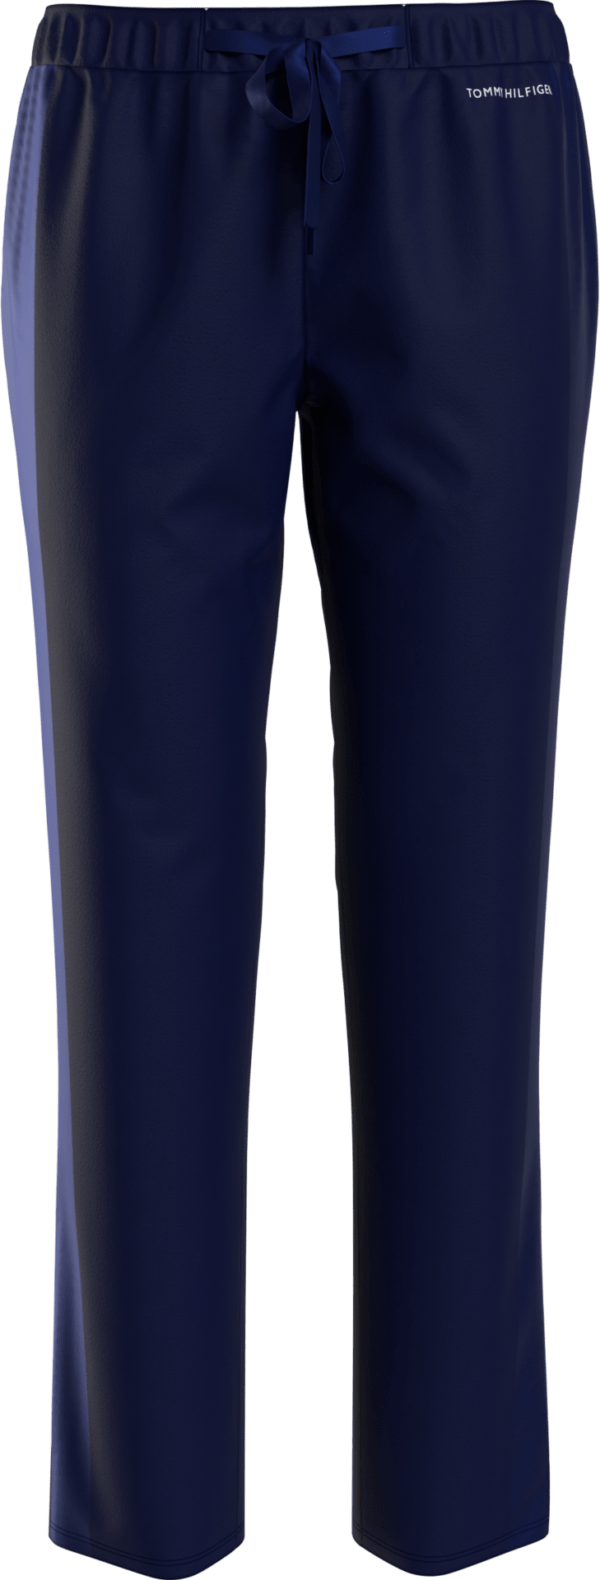 Γυναικείο παντελόνι μακρυ modal Tommy Hilfiger UWOUWO3261 DW5